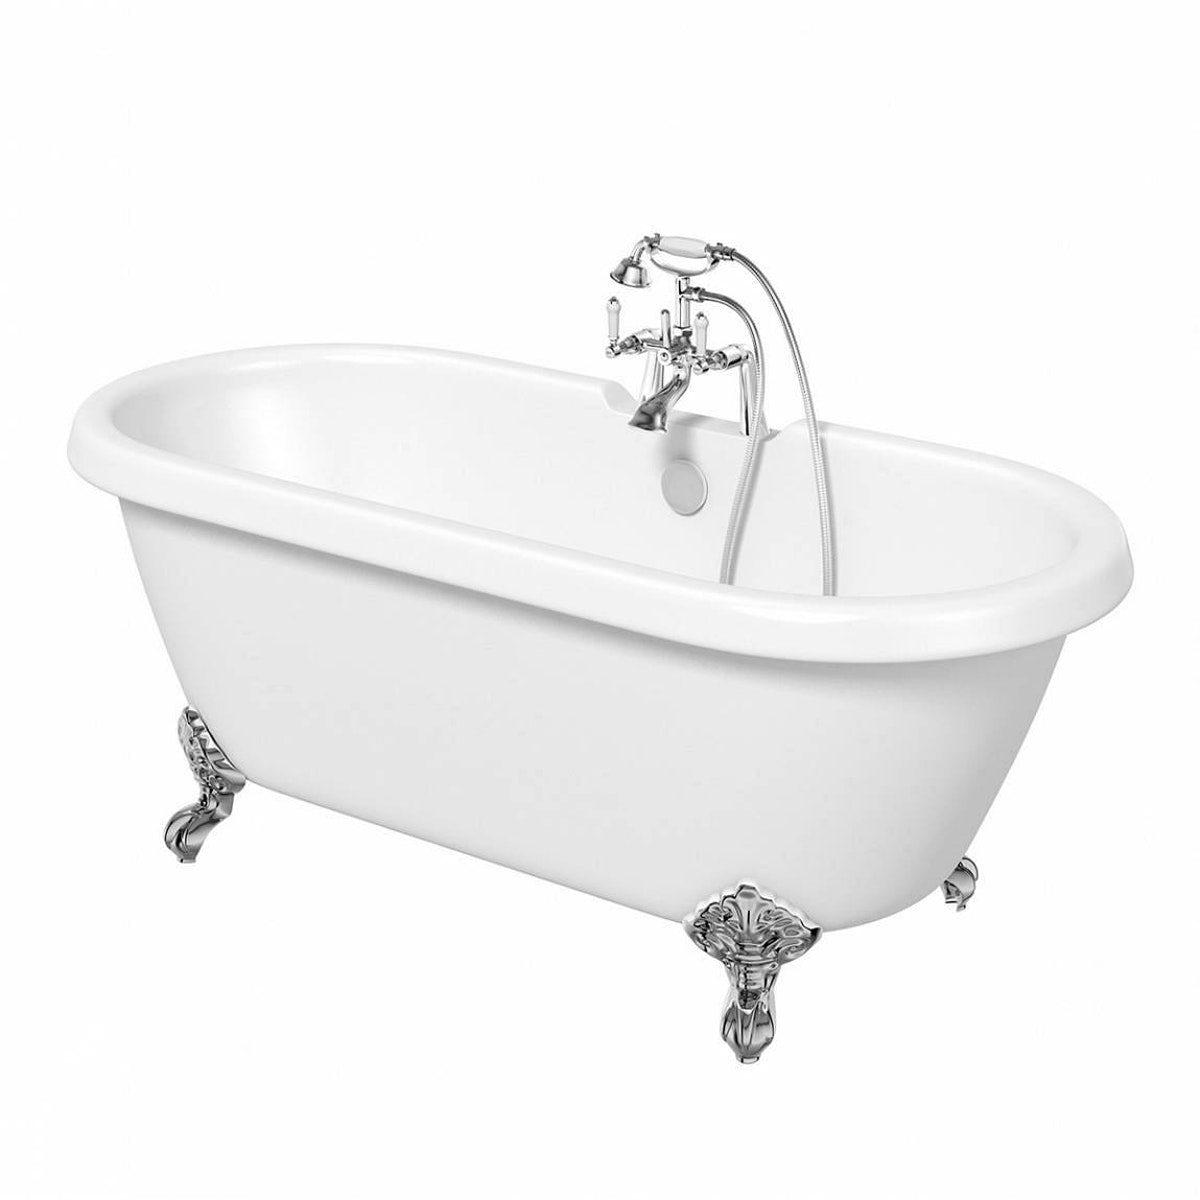 Traditional baths